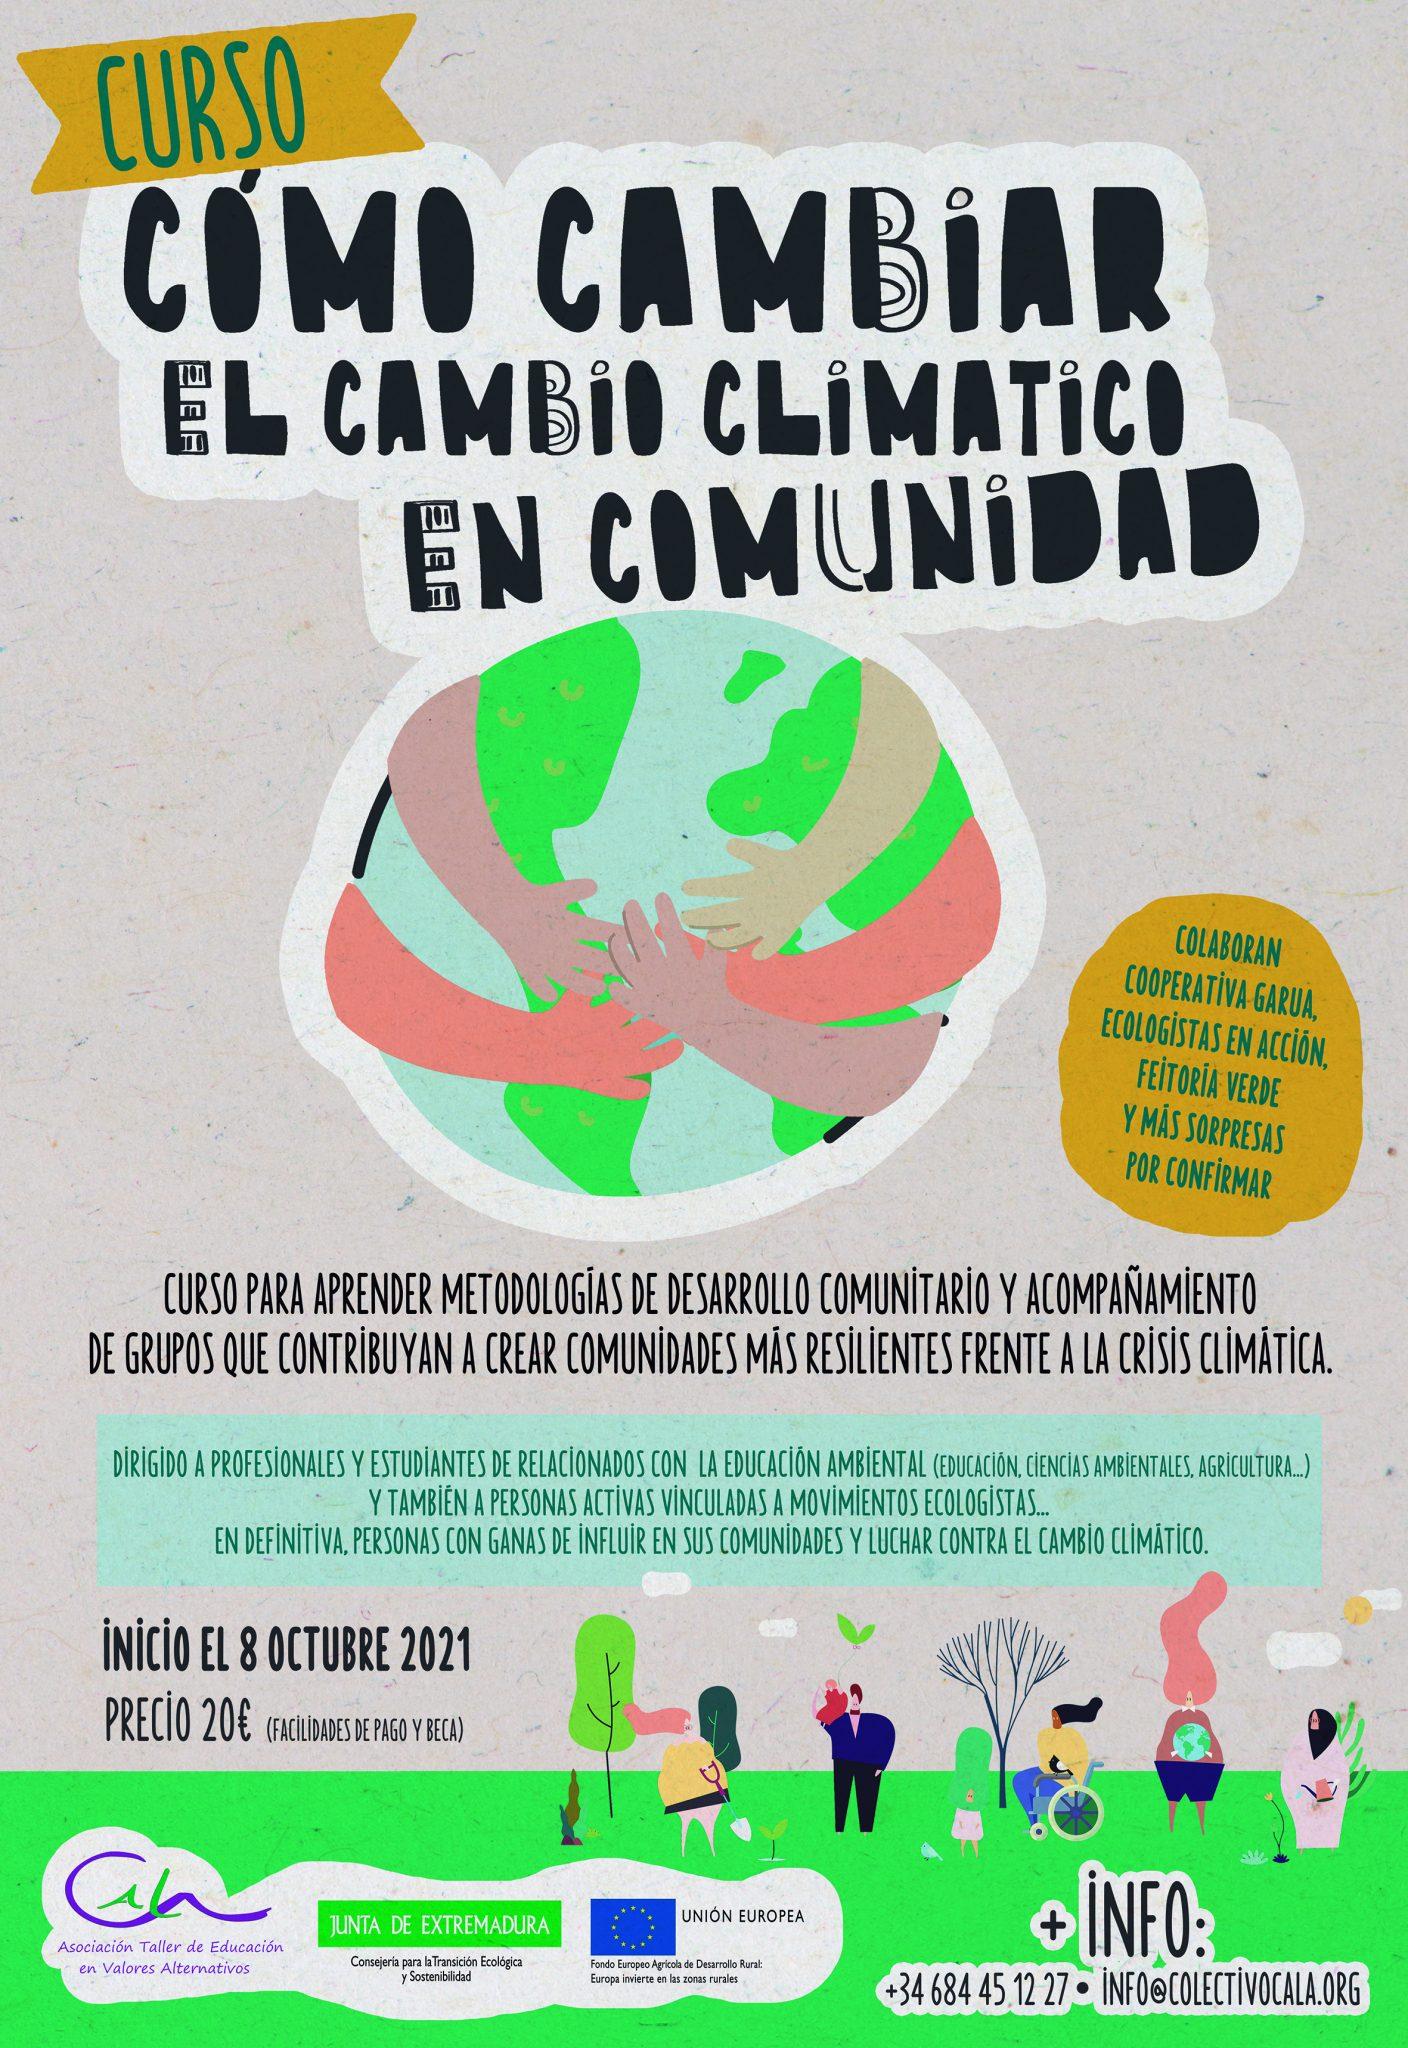 """ABIERTAS LAS INSCRIPCIONES PARA EL CURSO SEMI-PRESENCIAL """"CÓMO CAMBIAR EL CAMBIO CLIMÁTICO EN COMUNIDAD"""""""